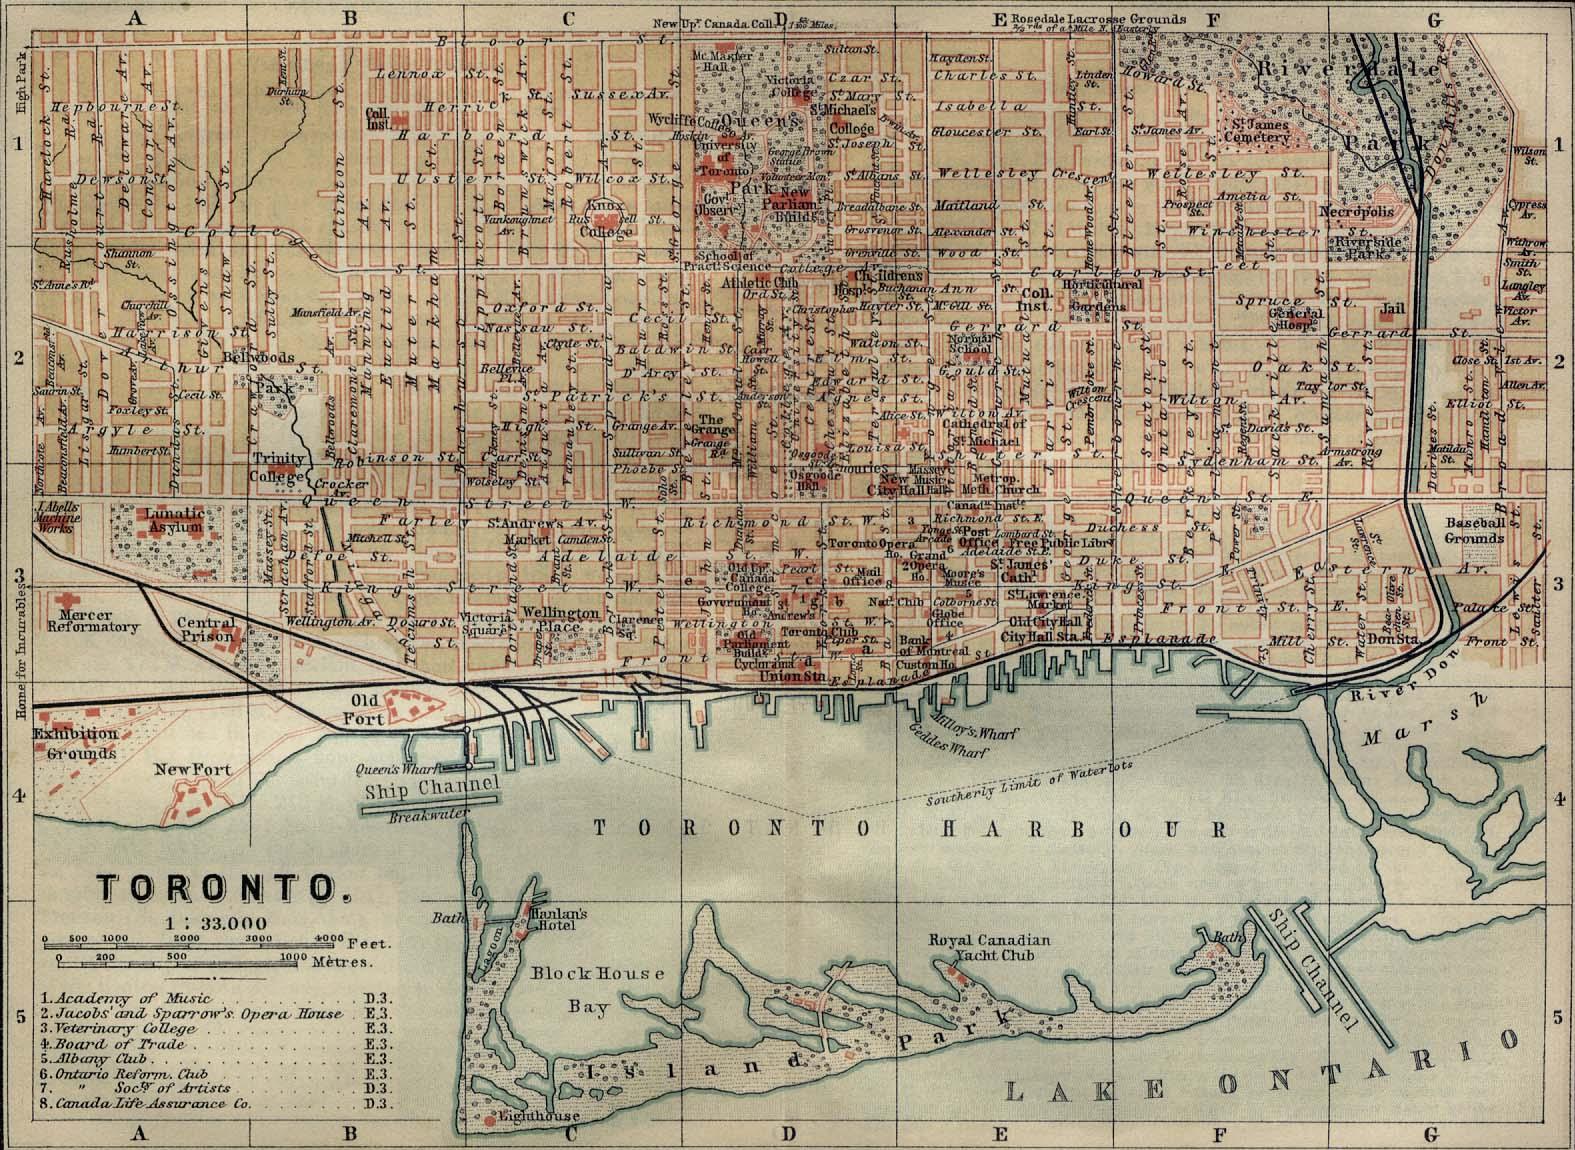 toronto_1894-large-map